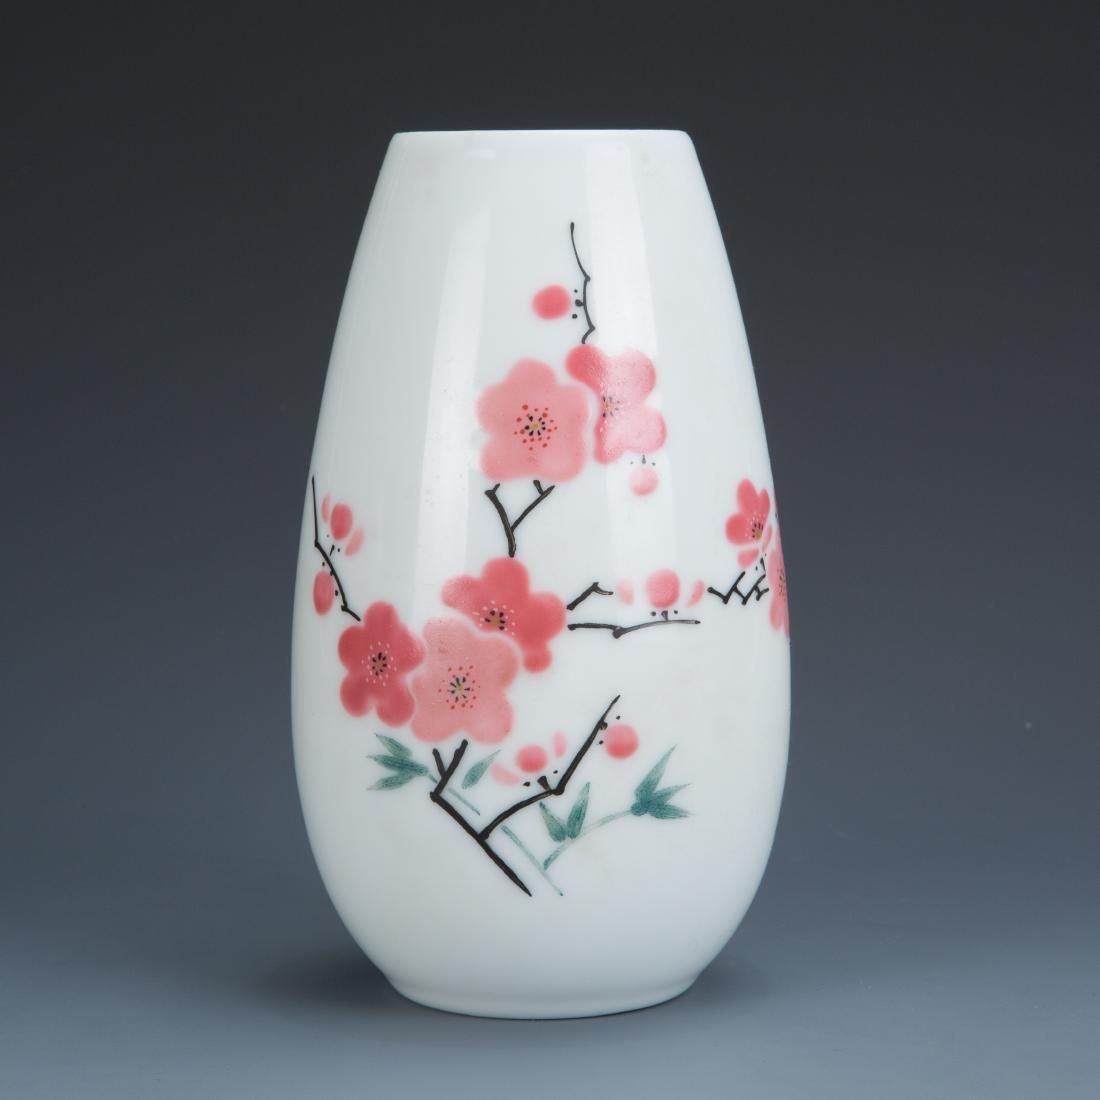 White Glazed Porcelain Flower Vase with Mark